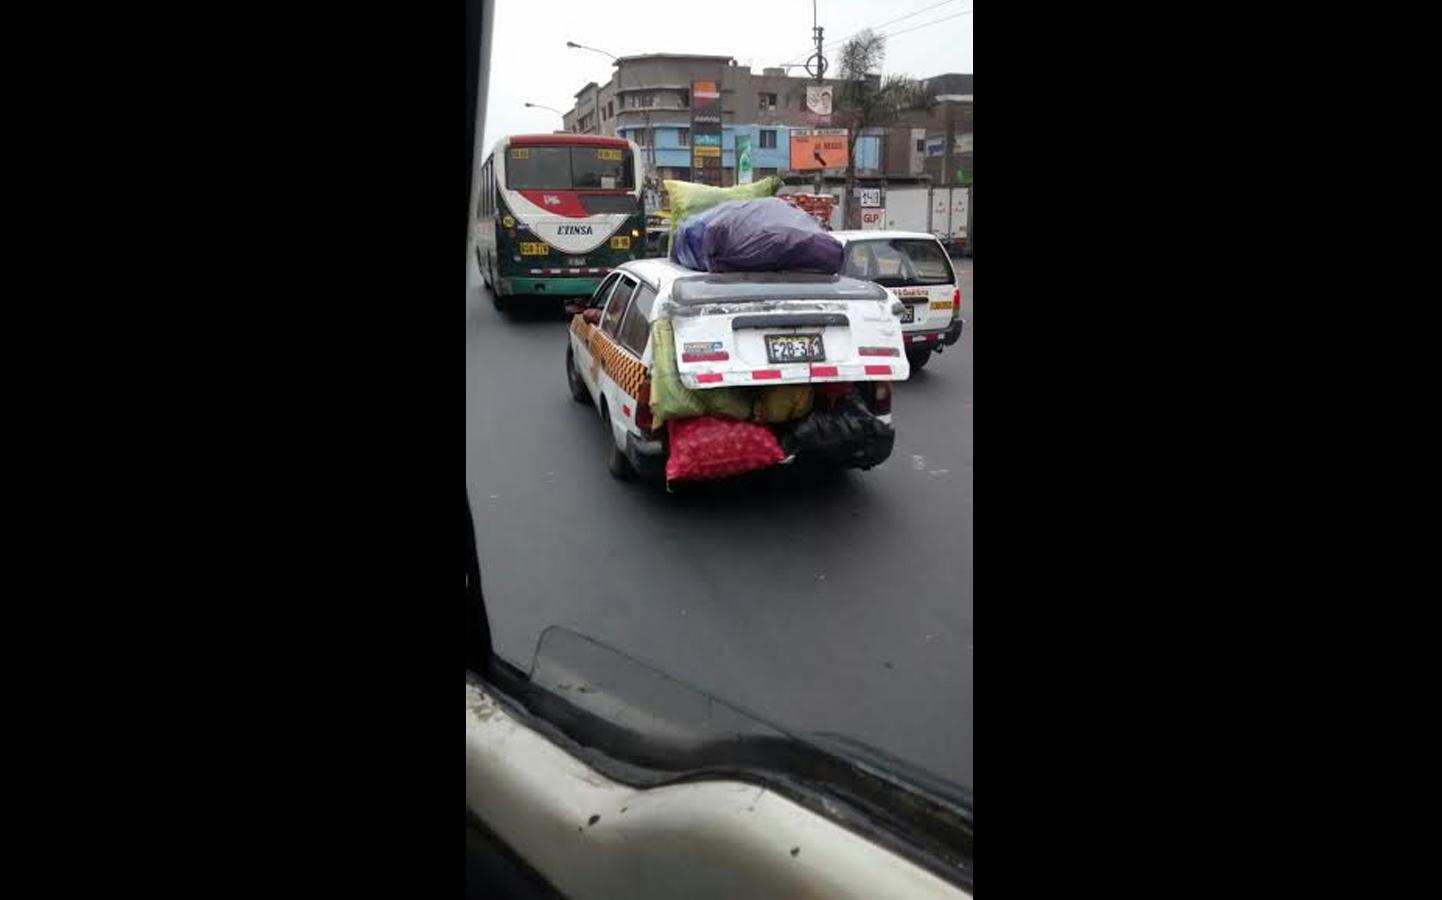 Otro usuario nos envió esta foto de un auto trasladando sacos y bolsas de verdura de esta manera (FOTO: WhatsApp/El Comercio)